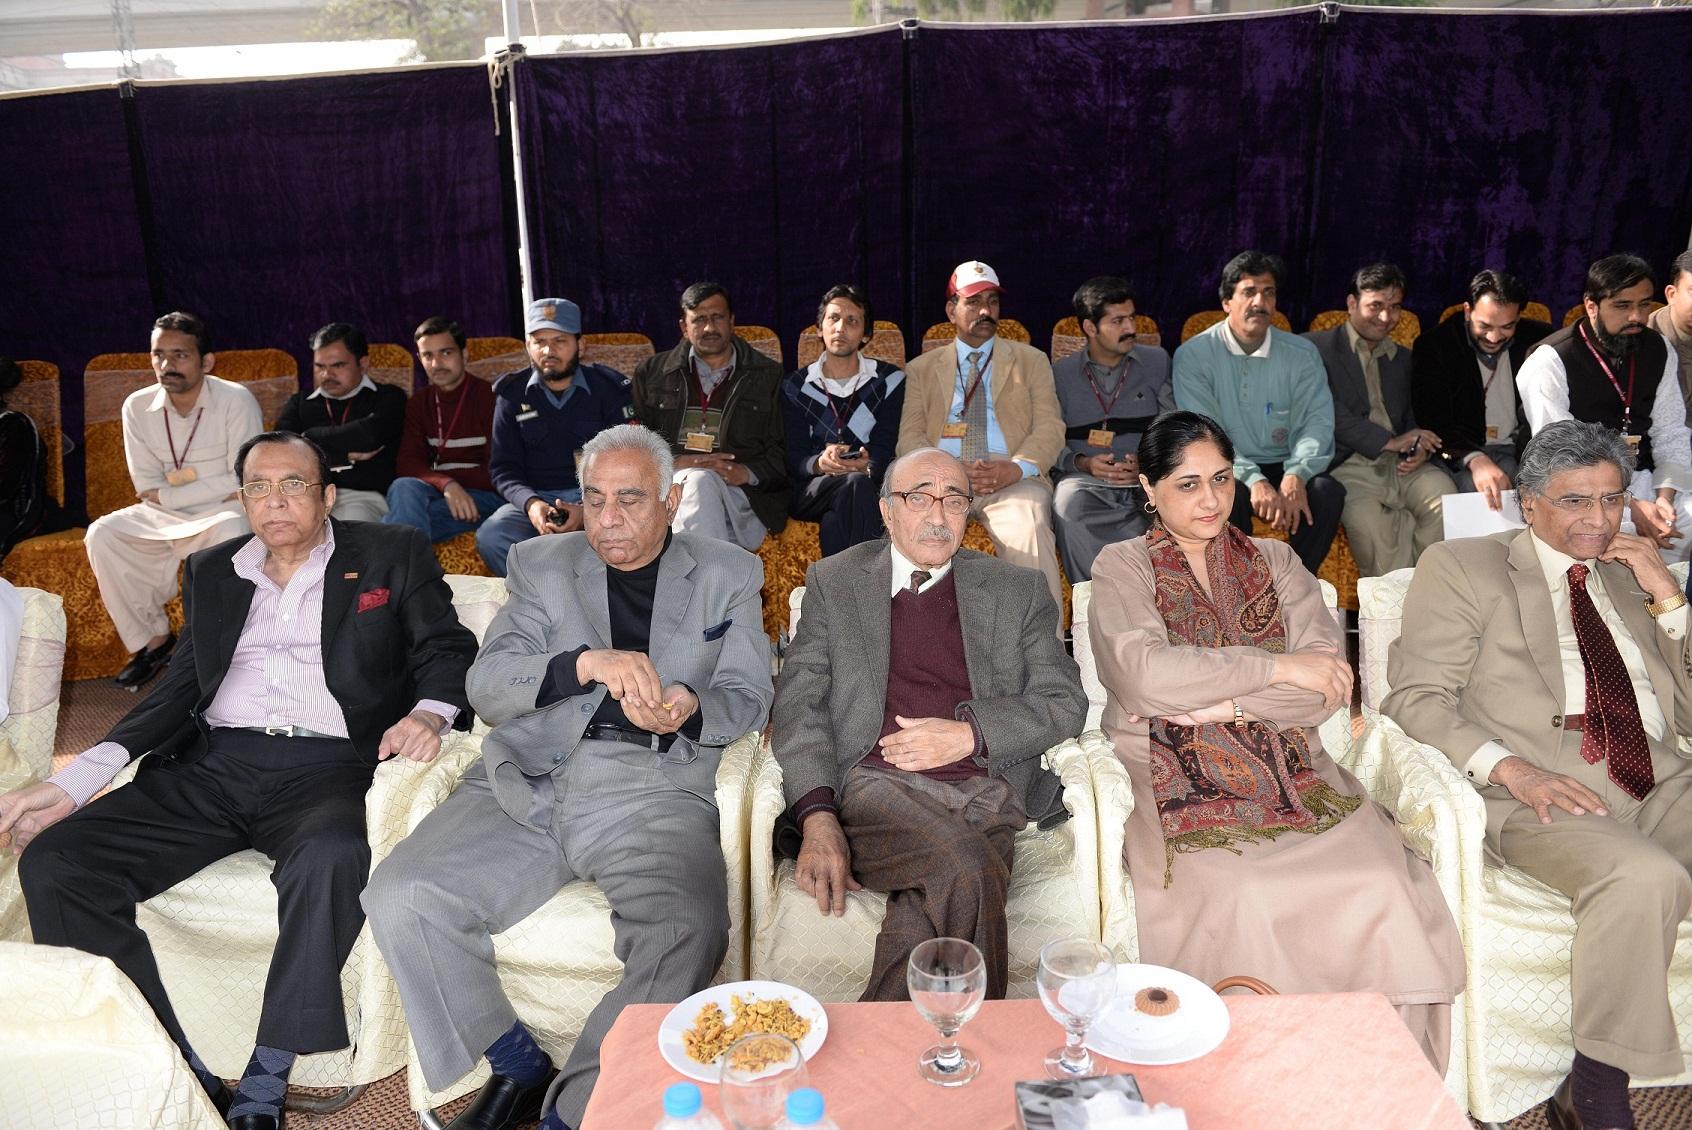 Mr. Naeem Tahir, Dr. Farhat, Dr. Sheeba & Dr. Ikram